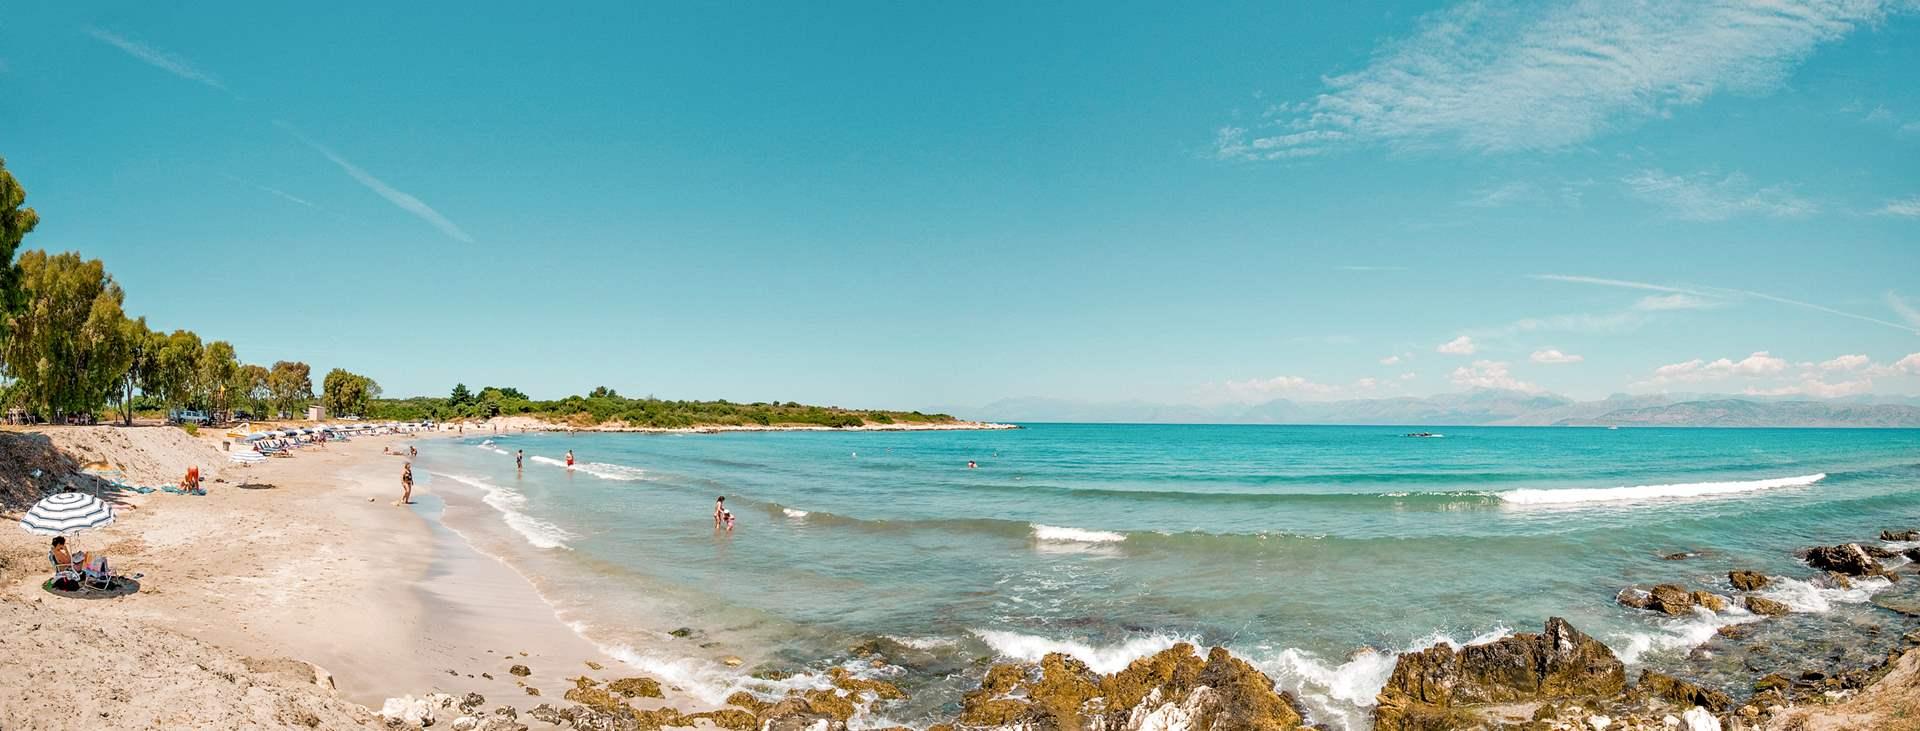 Bestill en reise med Ving til Acharavi på Korfu